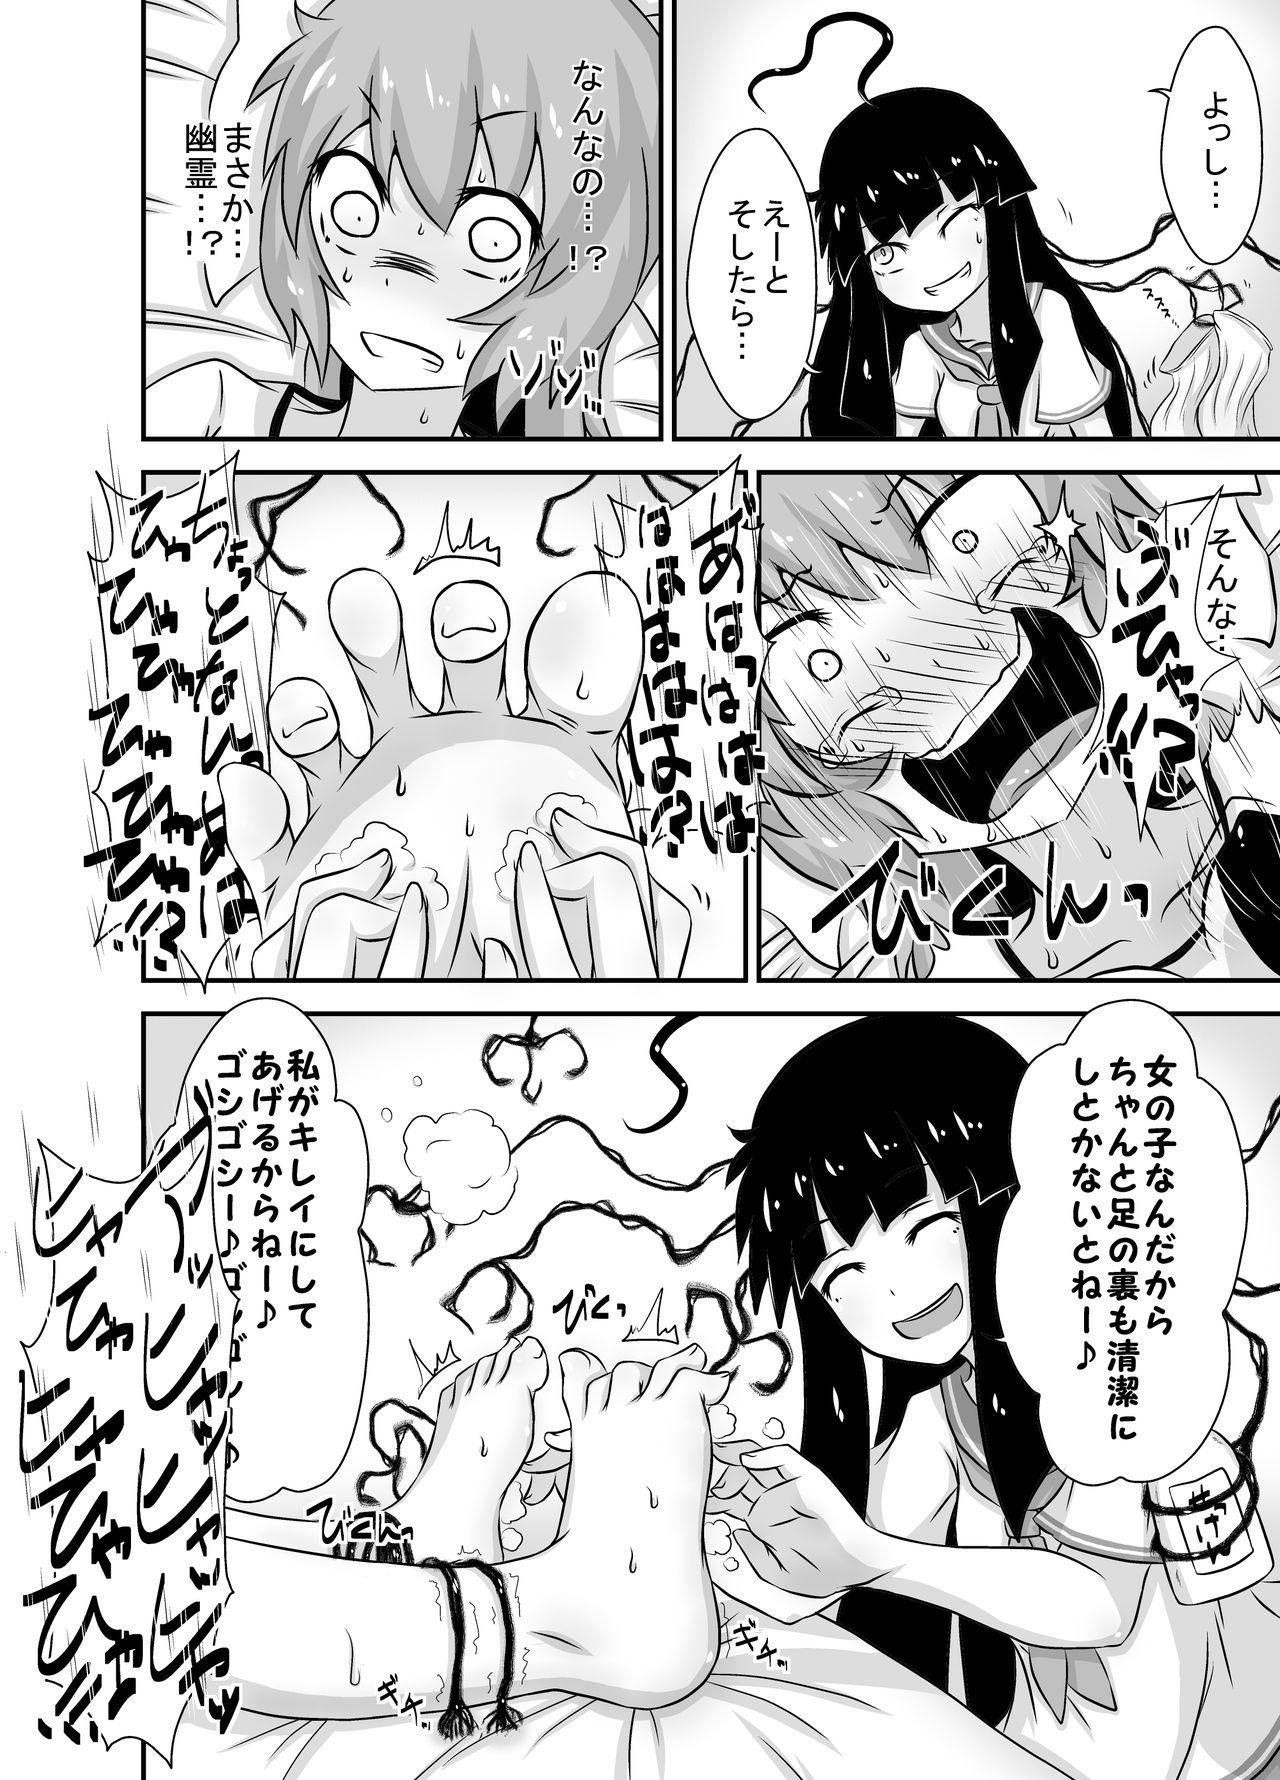 Kochokocho Okako-san! 4 8